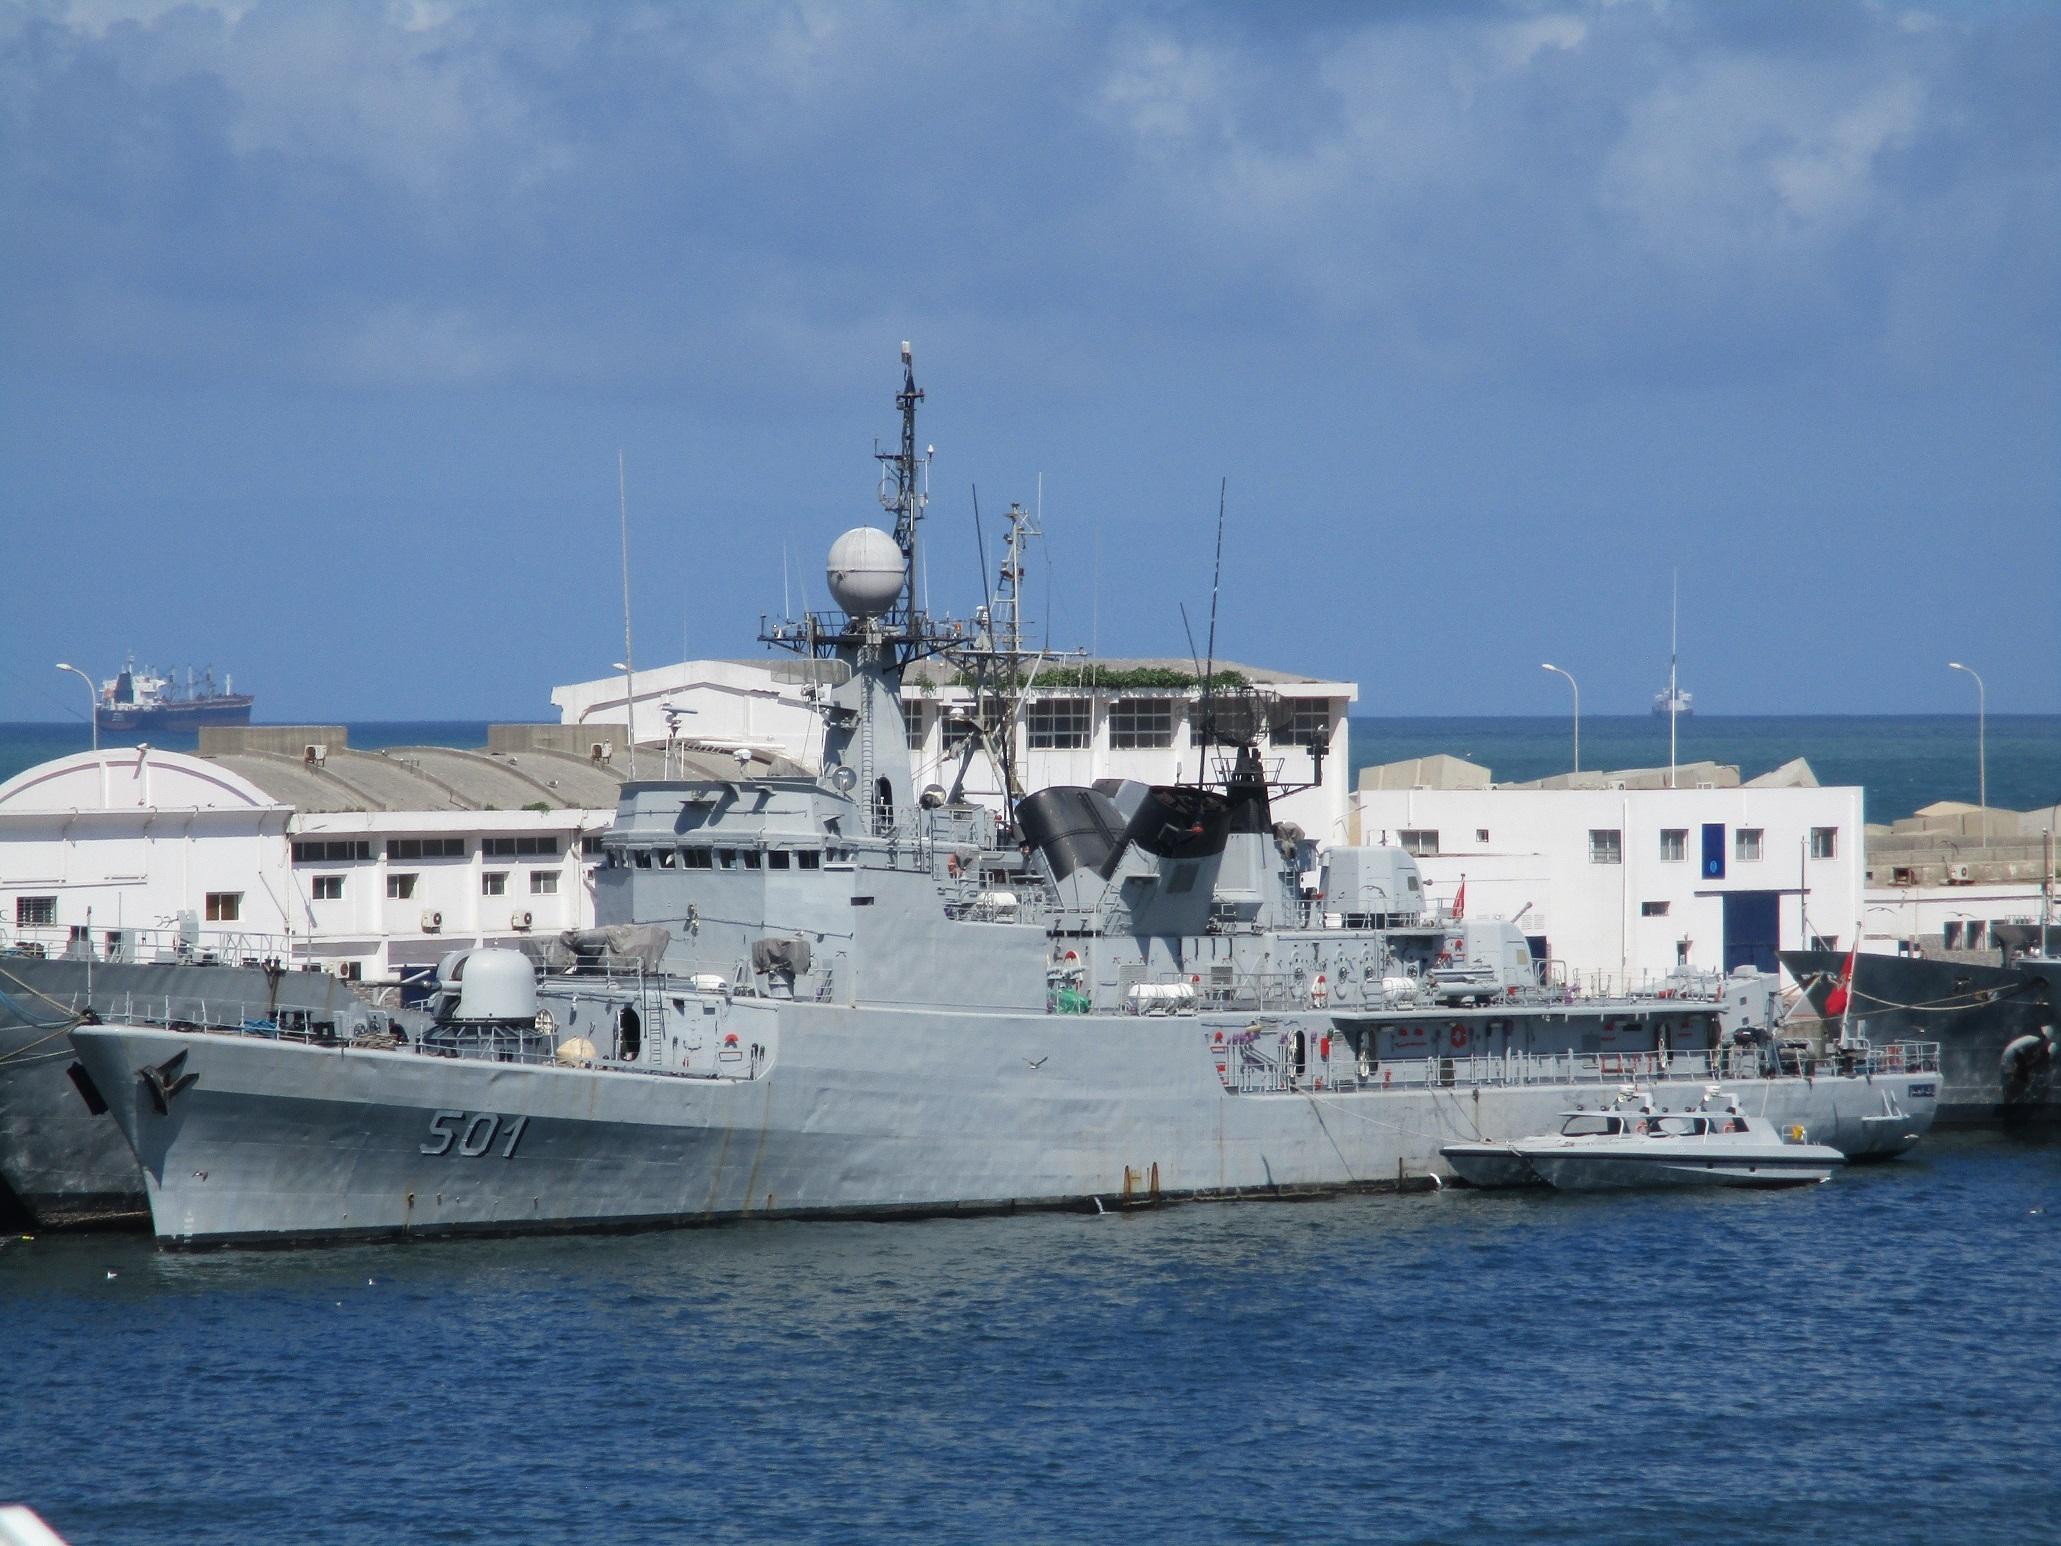 Royal Moroccan Navy Descubierta Frigate / Corvette Lt Cl Errahmani - Bâtiment École - Page 4 51061177066_a968a8ed3f_o_d